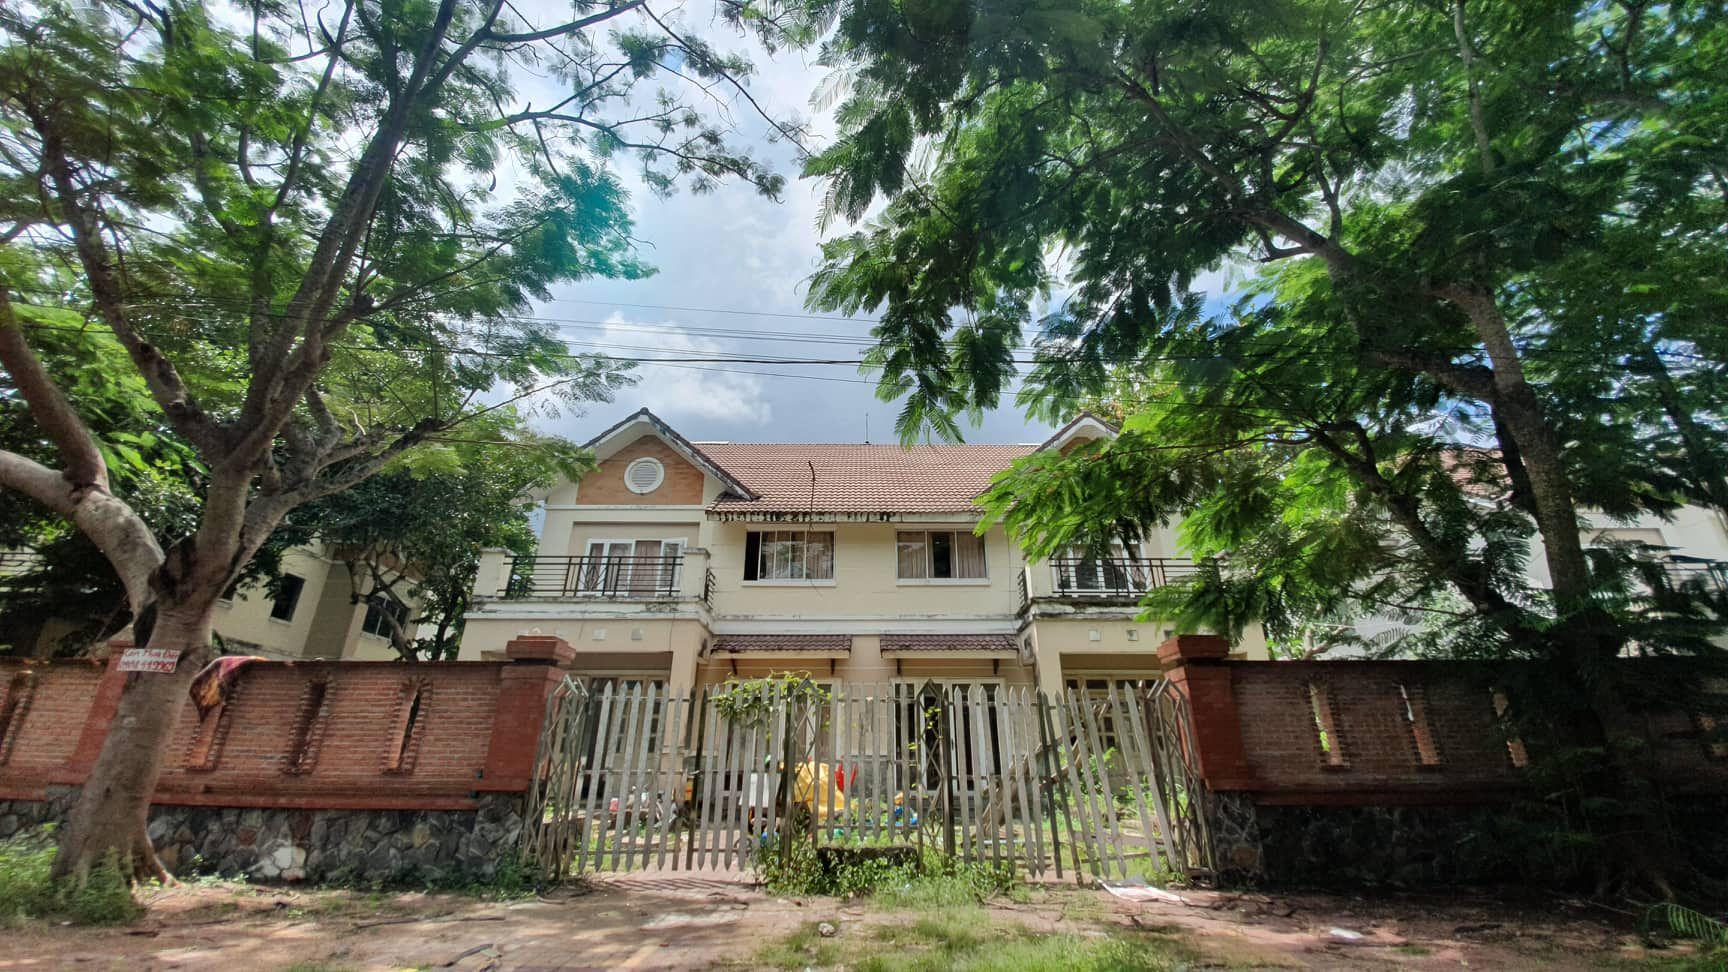 La liệt chung cư, biệt thự bỏ hoang ở Nhơn Trạch - 1